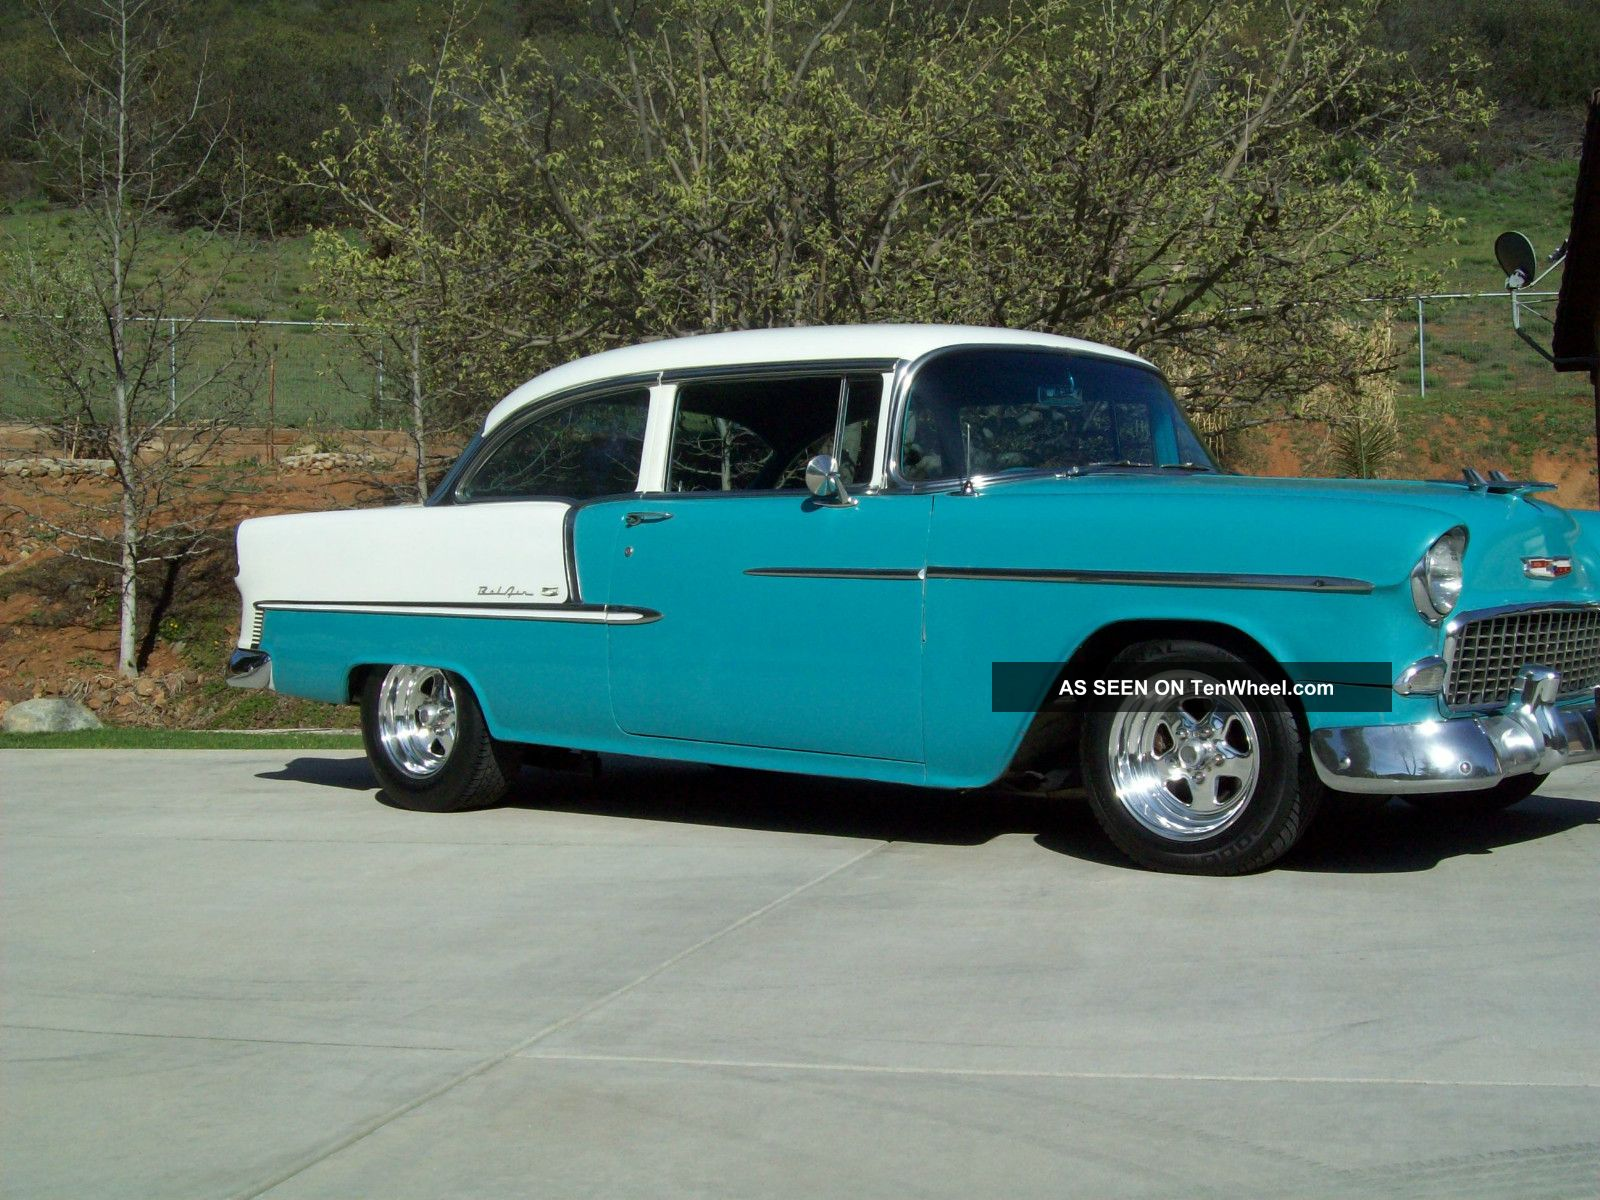 1955 Chevy Belair. - Street Rod - Hot Rod - Race Car - Offers?